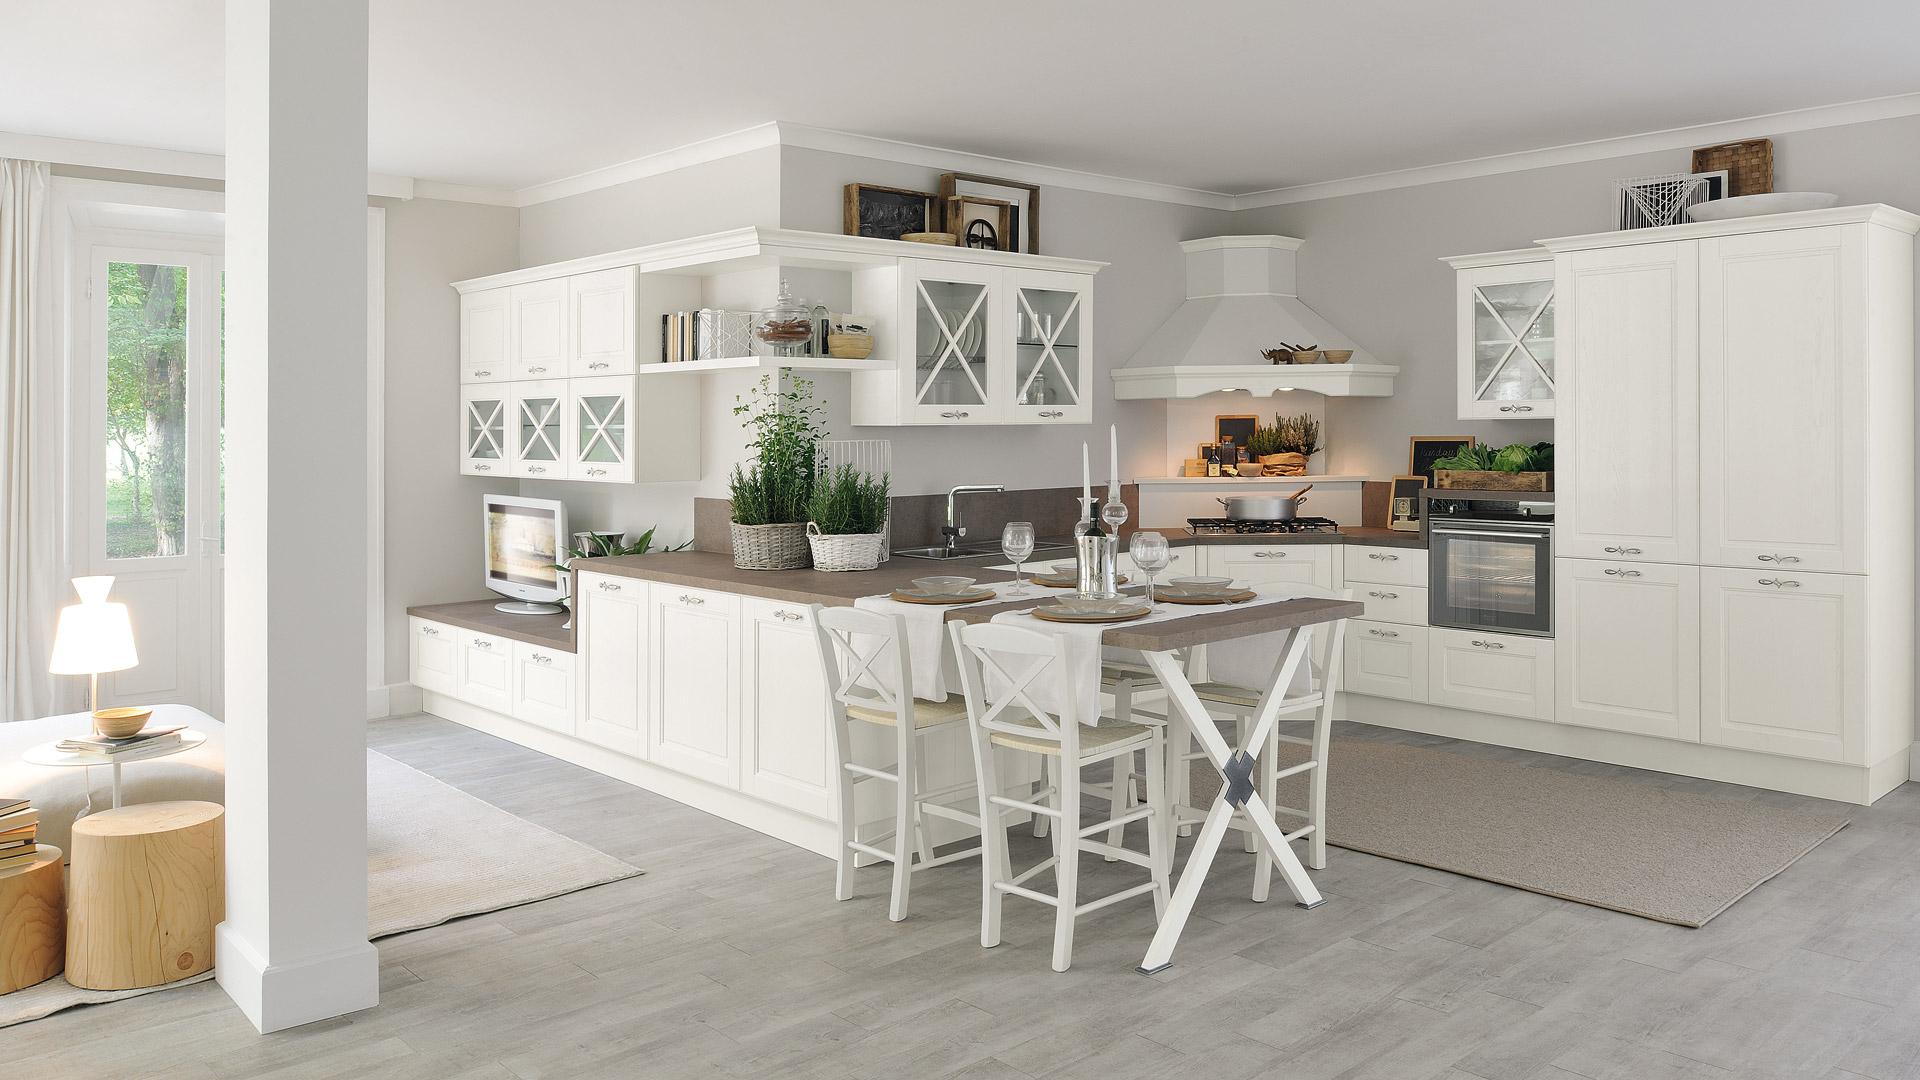 Cucine Lube Classiche a Milano | Arredamenti Milano Folino